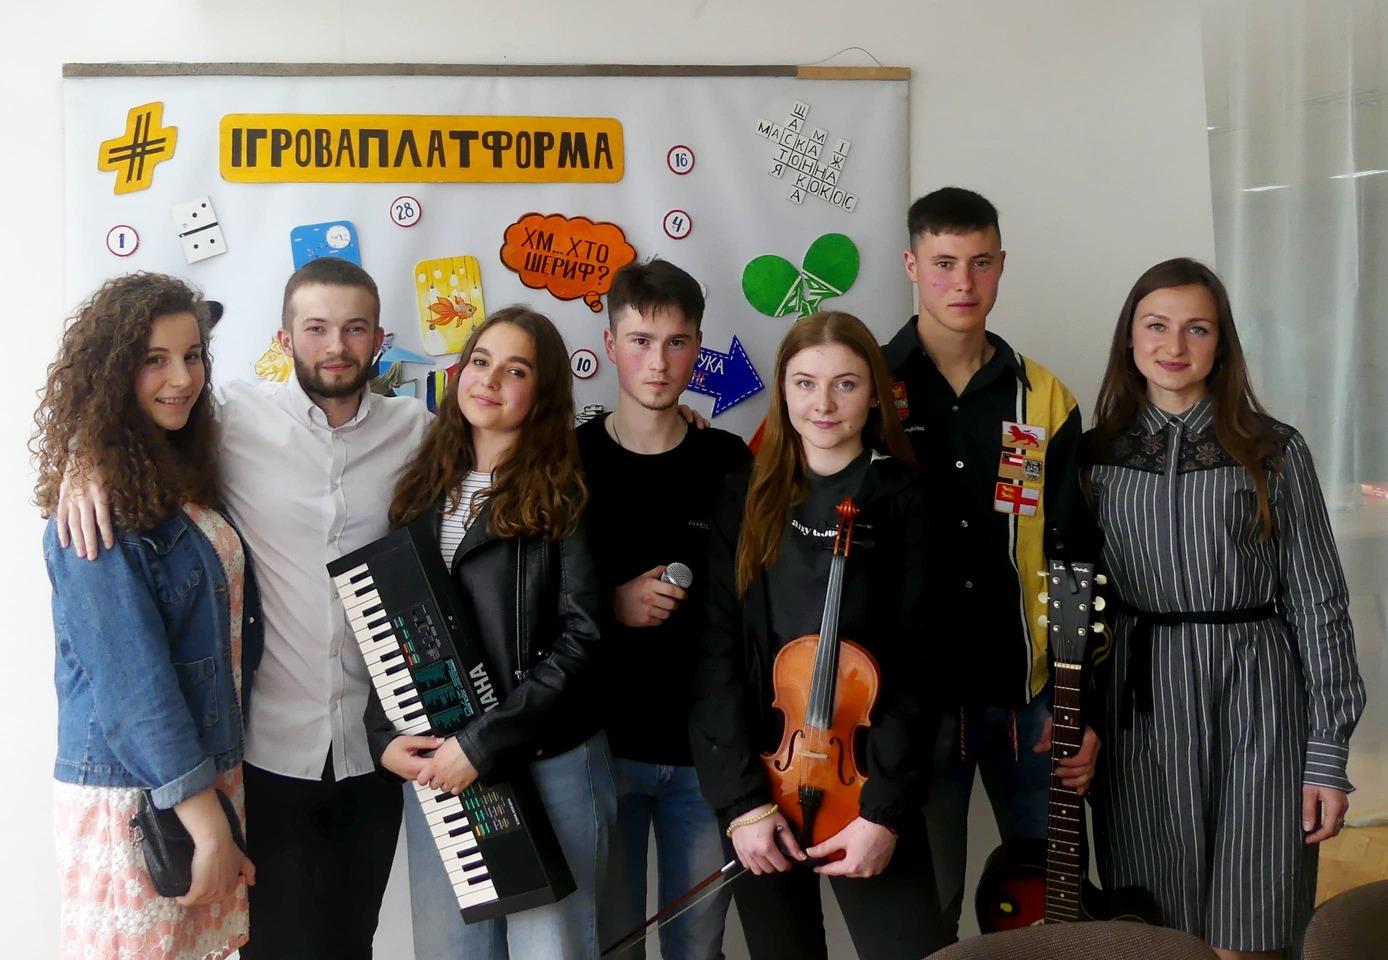 У Луцьку проведуть благодійний турнір з настільних ігор заради підтримки онкохворих дітей. ФОТО